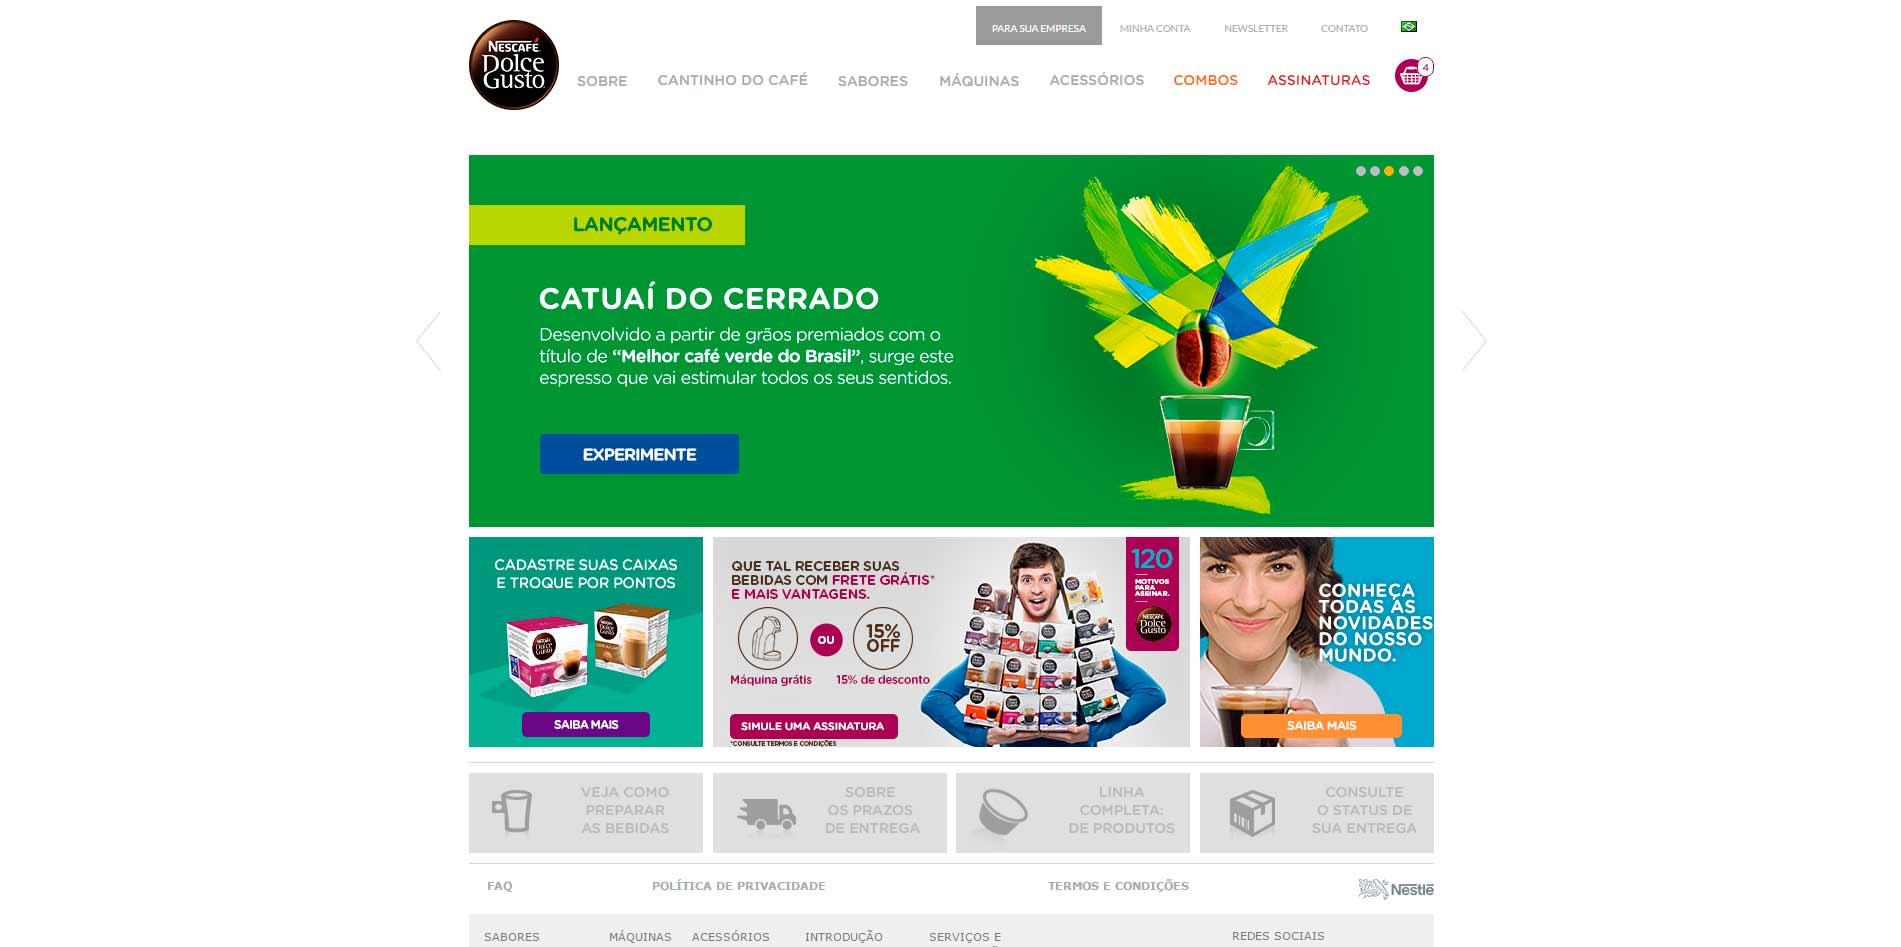 Melhores lojas virtuais Magento 2016 - Dolce Gusto